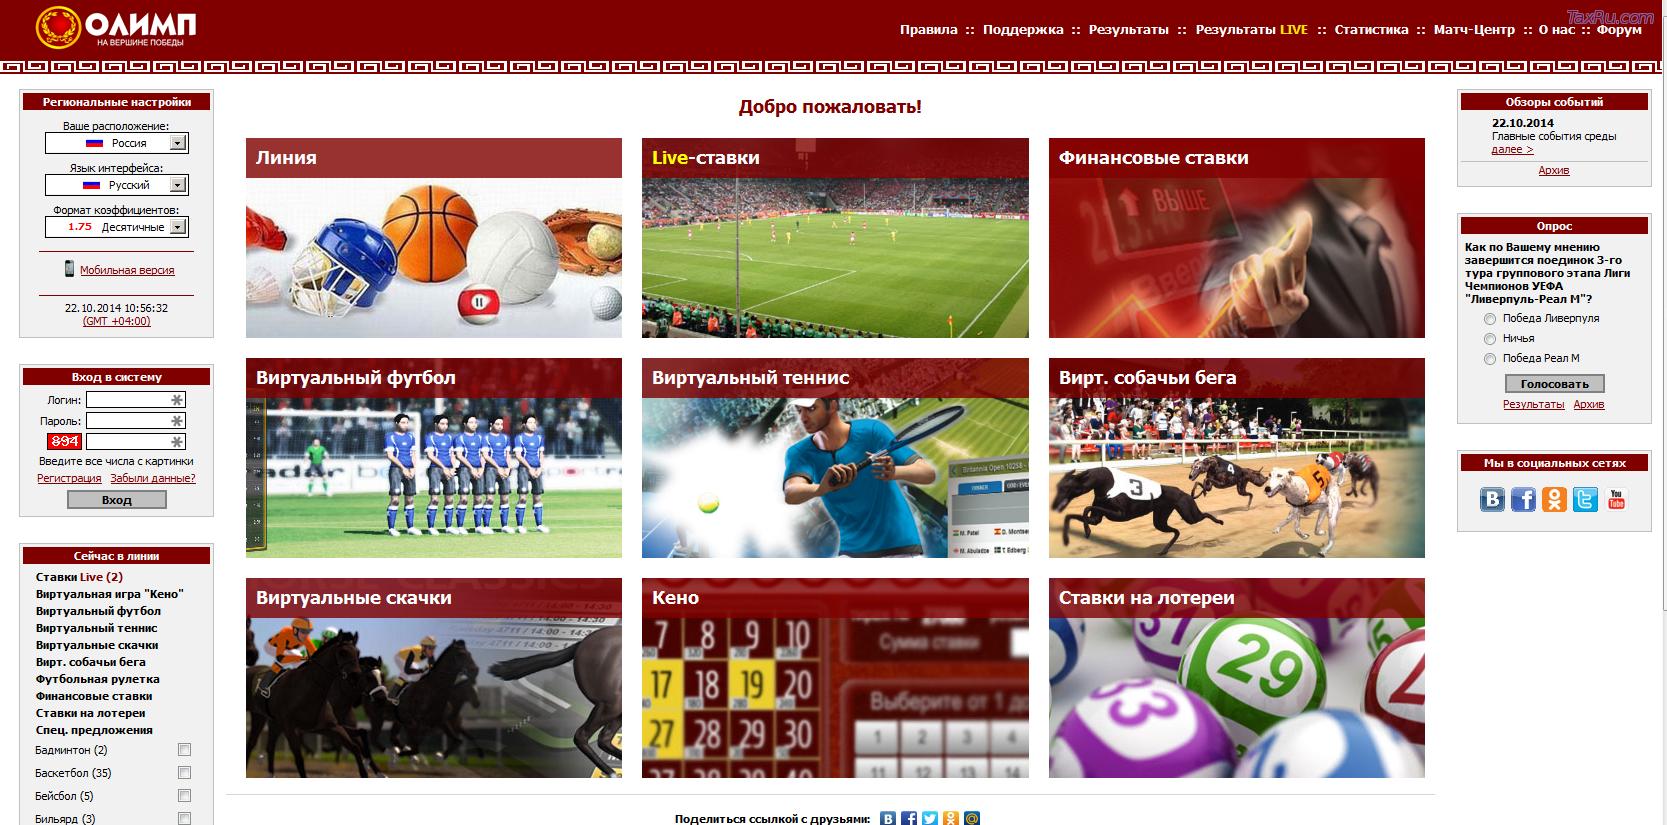 Футбол олимпе на в виртуальный ставки